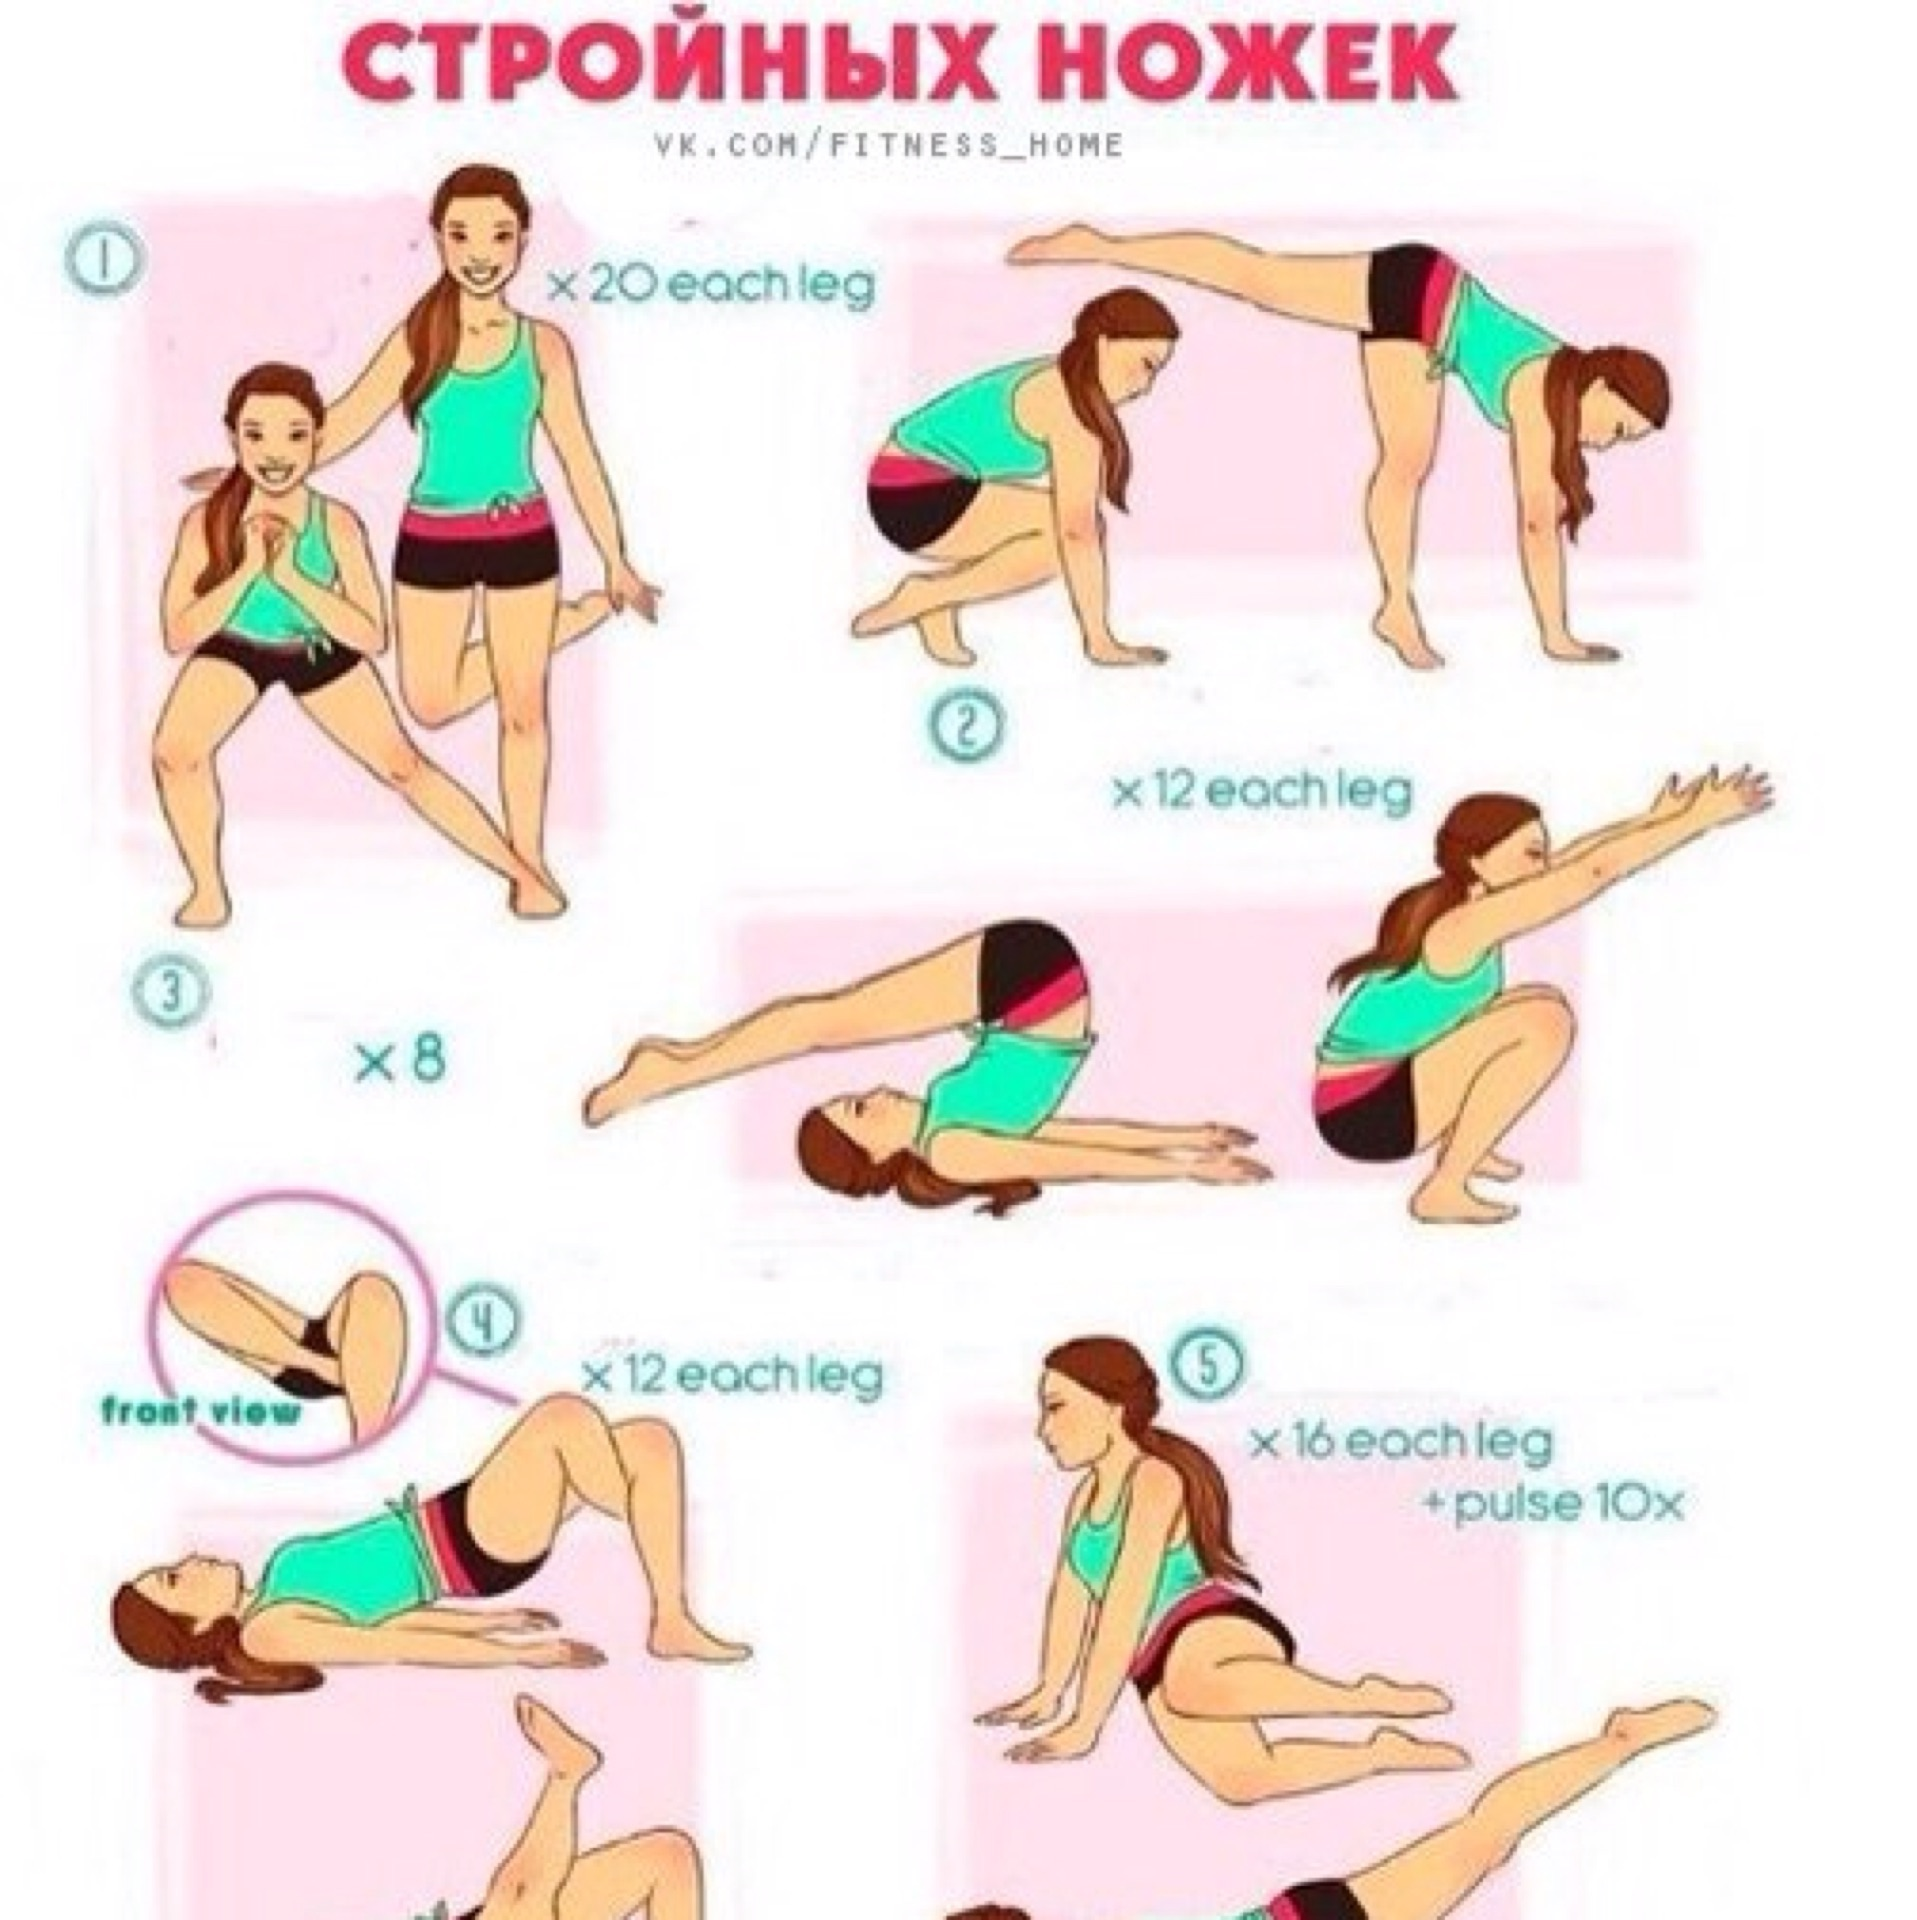 Как похудеть ногам ляшкам